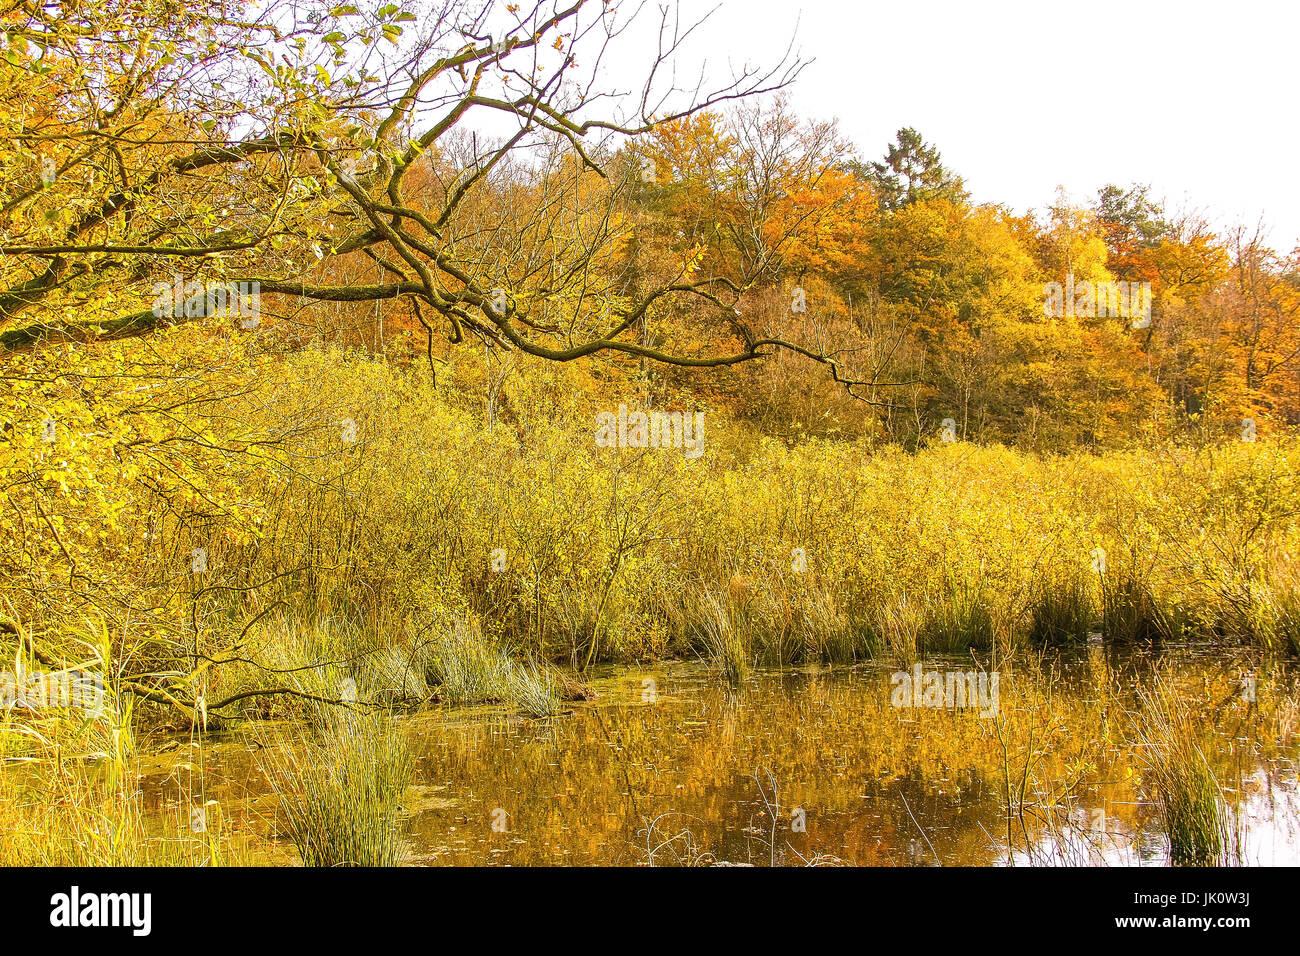 Zona de la orilla de un estanque del bosque en medio de un descanso en otoño de color madera, eines uferbereich waldweihers eines inmitten bruchwaldes en herbstfarben Foto de stock